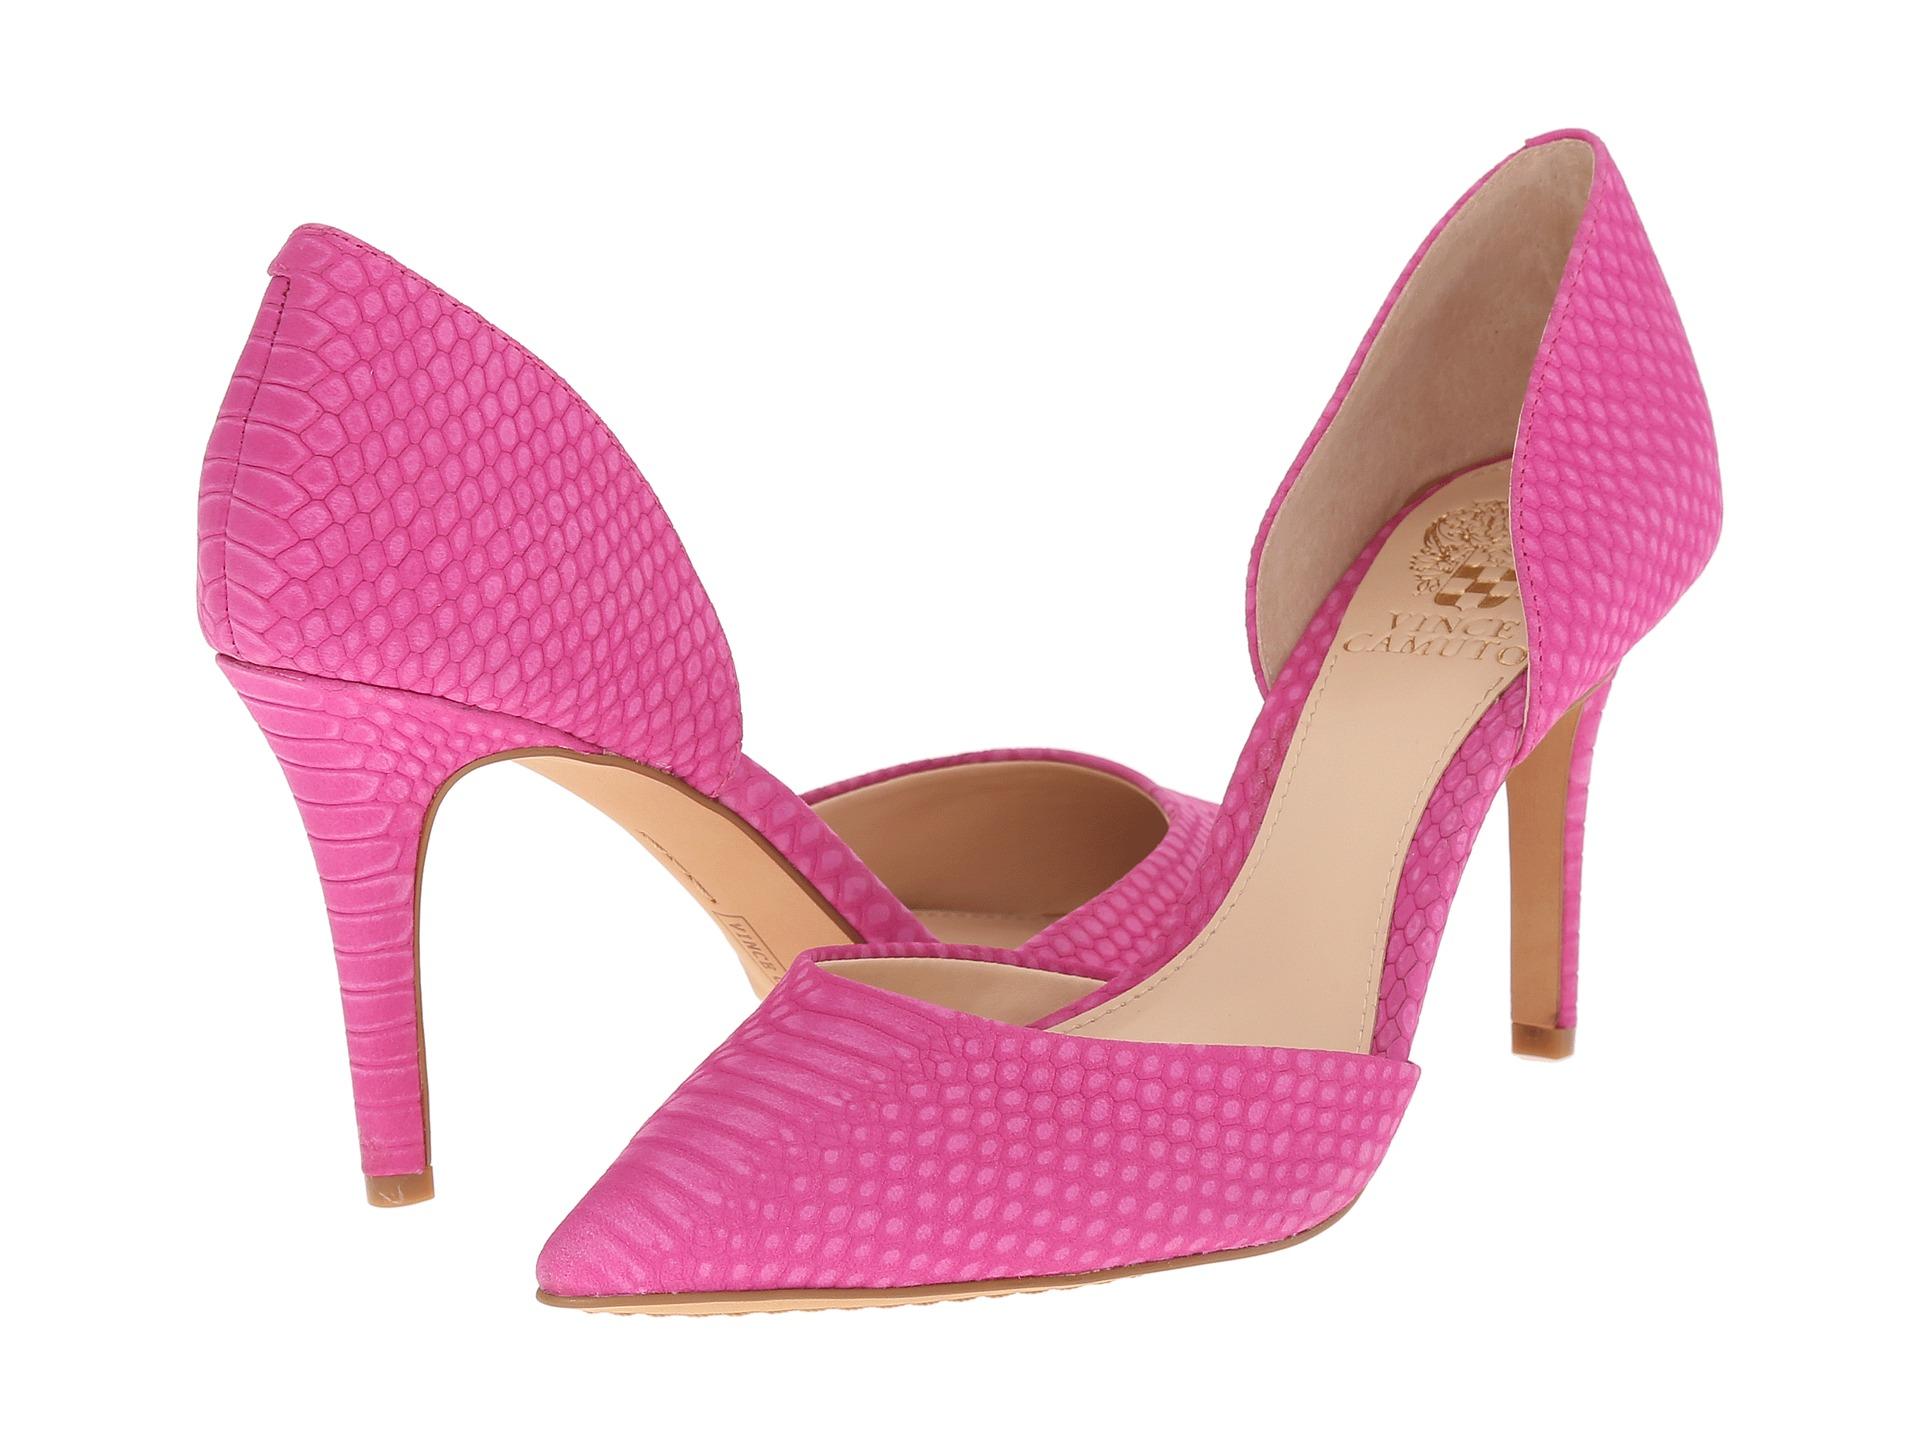 4 Inch Pink Heels